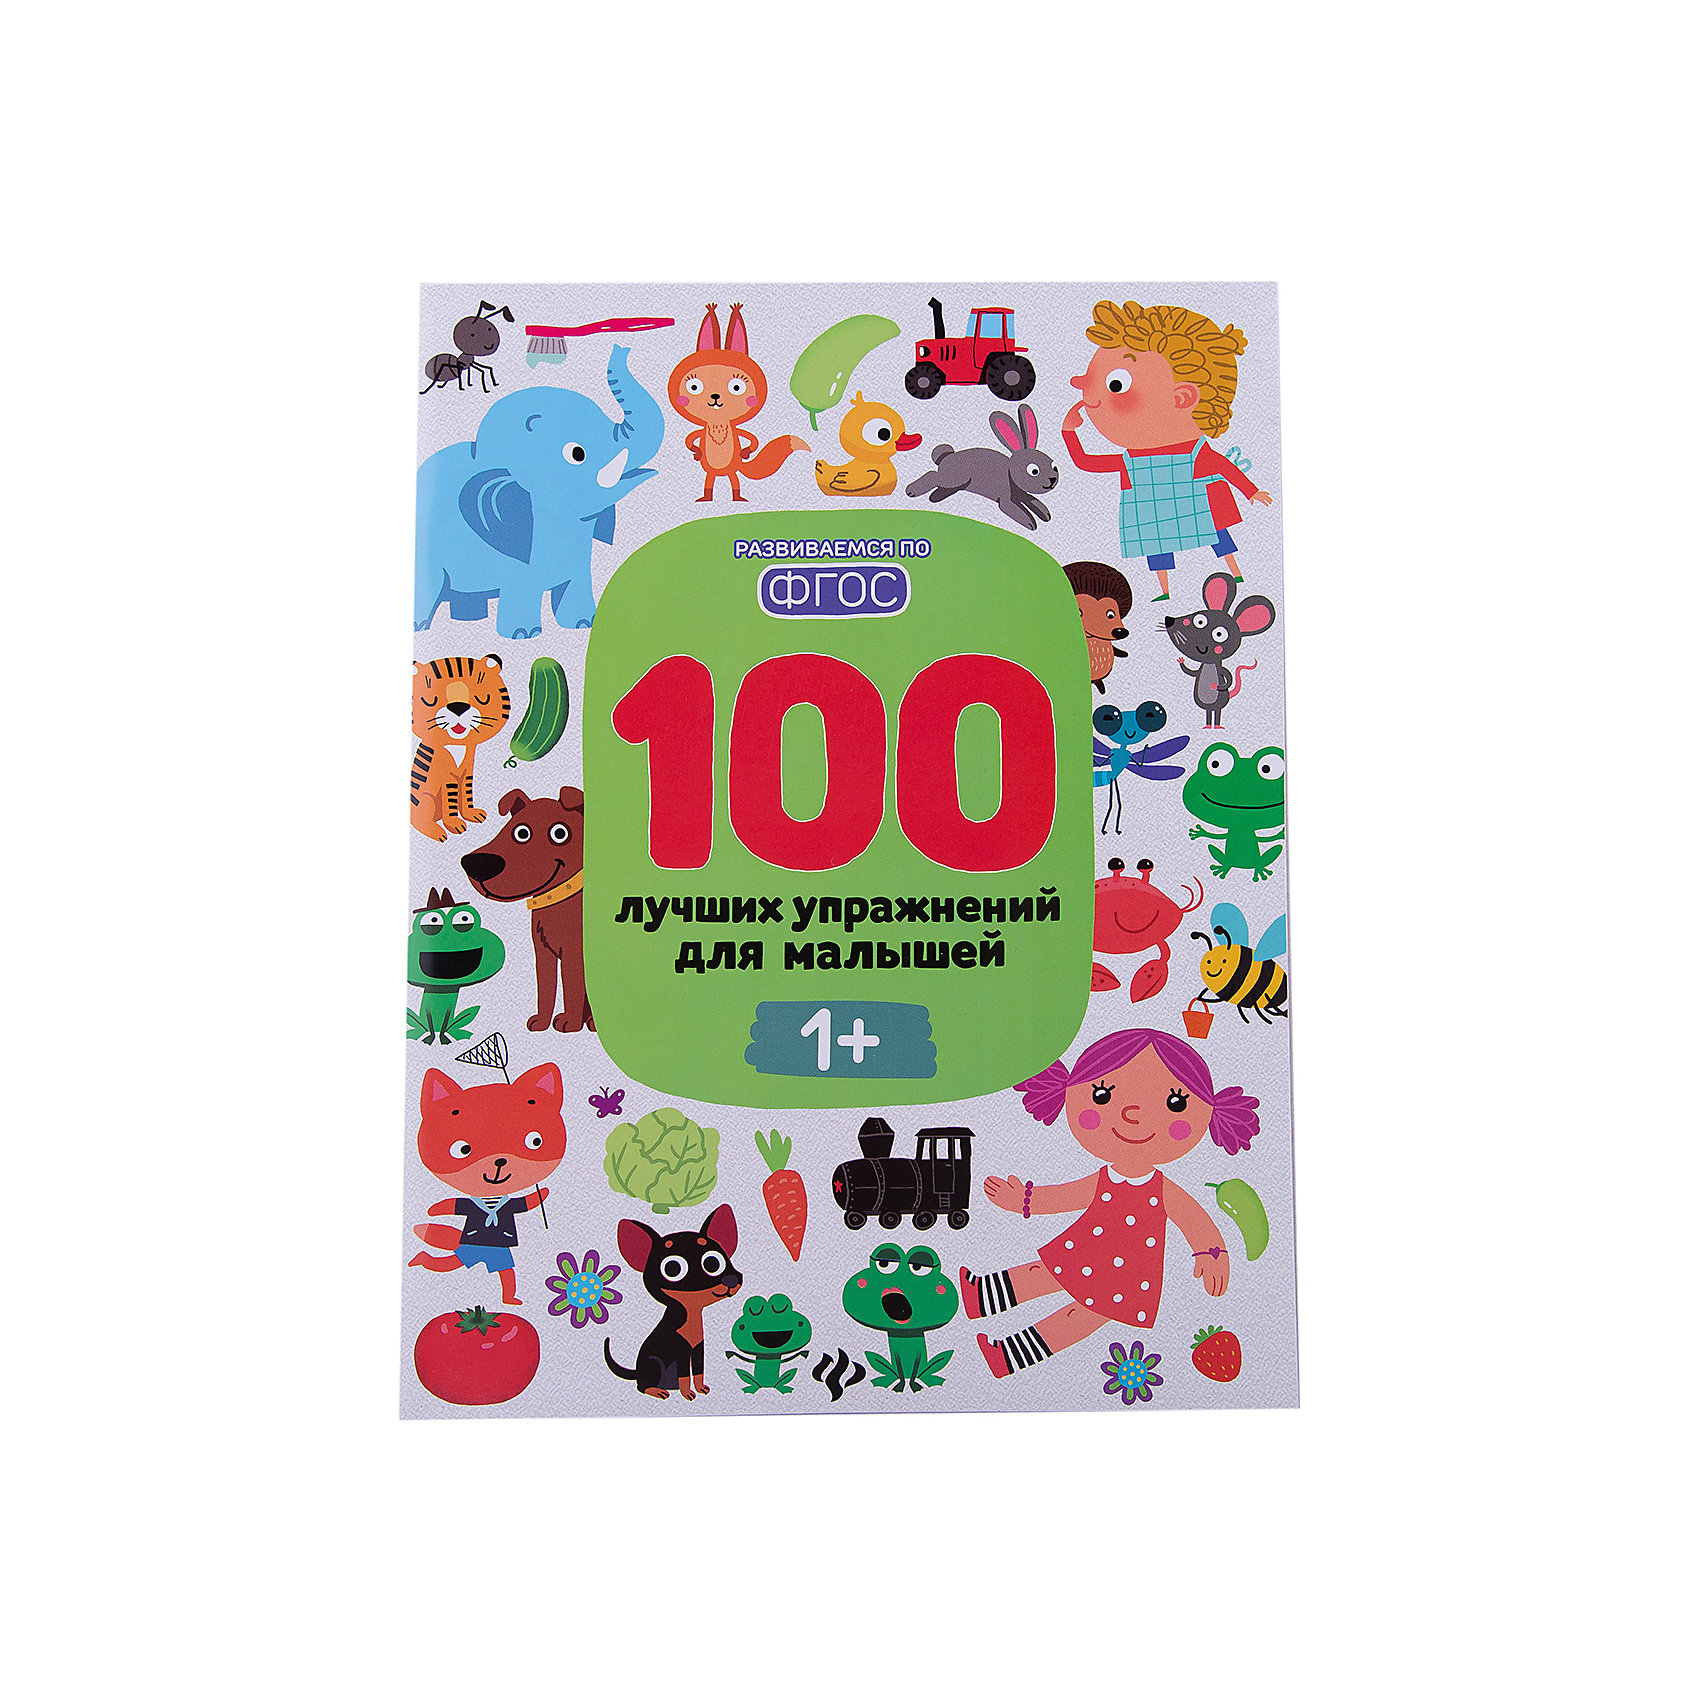 Книга 100 лучших упражнений для малышей, от 1 годаРазвивающие книги<br>Книга 100 лучших упражнений для малышей, от 1 года<br><br>Характеристики: <br><br>• Кол-во страниц: 64<br>• ISBN: 9785222271629<br>• Возраст: от 1 года<br>• Обложка: мягкая<br>• Формат: а4<br><br>В этой замечательной книге содержатся самые разнообразные веселые игры и задания, для развития вашего малыша! Все задания подобраны последовательно и дополняют друг друга, чтобы обеспечить комплексный подход к развитию вашего ребенка. В создании книги принимали участие опытные специалисты в области психологии, педагогики, логопедии и нейропсихологии. Всего в книге 100 заданий, которые вы сможете сделать вместе с малышом, помогая ему в развитии его познавательной активности.<br><br>Книга 100 лучших упражнений для малышей, от 1 года можно купить в нашем интернет-магазине.<br><br>Ширина мм: 260<br>Глубина мм: 202<br>Высота мм: 40<br>Вес г: 154<br>Возраст от месяцев: -2147483648<br>Возраст до месяцев: 2147483647<br>Пол: Унисекс<br>Возраст: Детский<br>SKU: 5464474